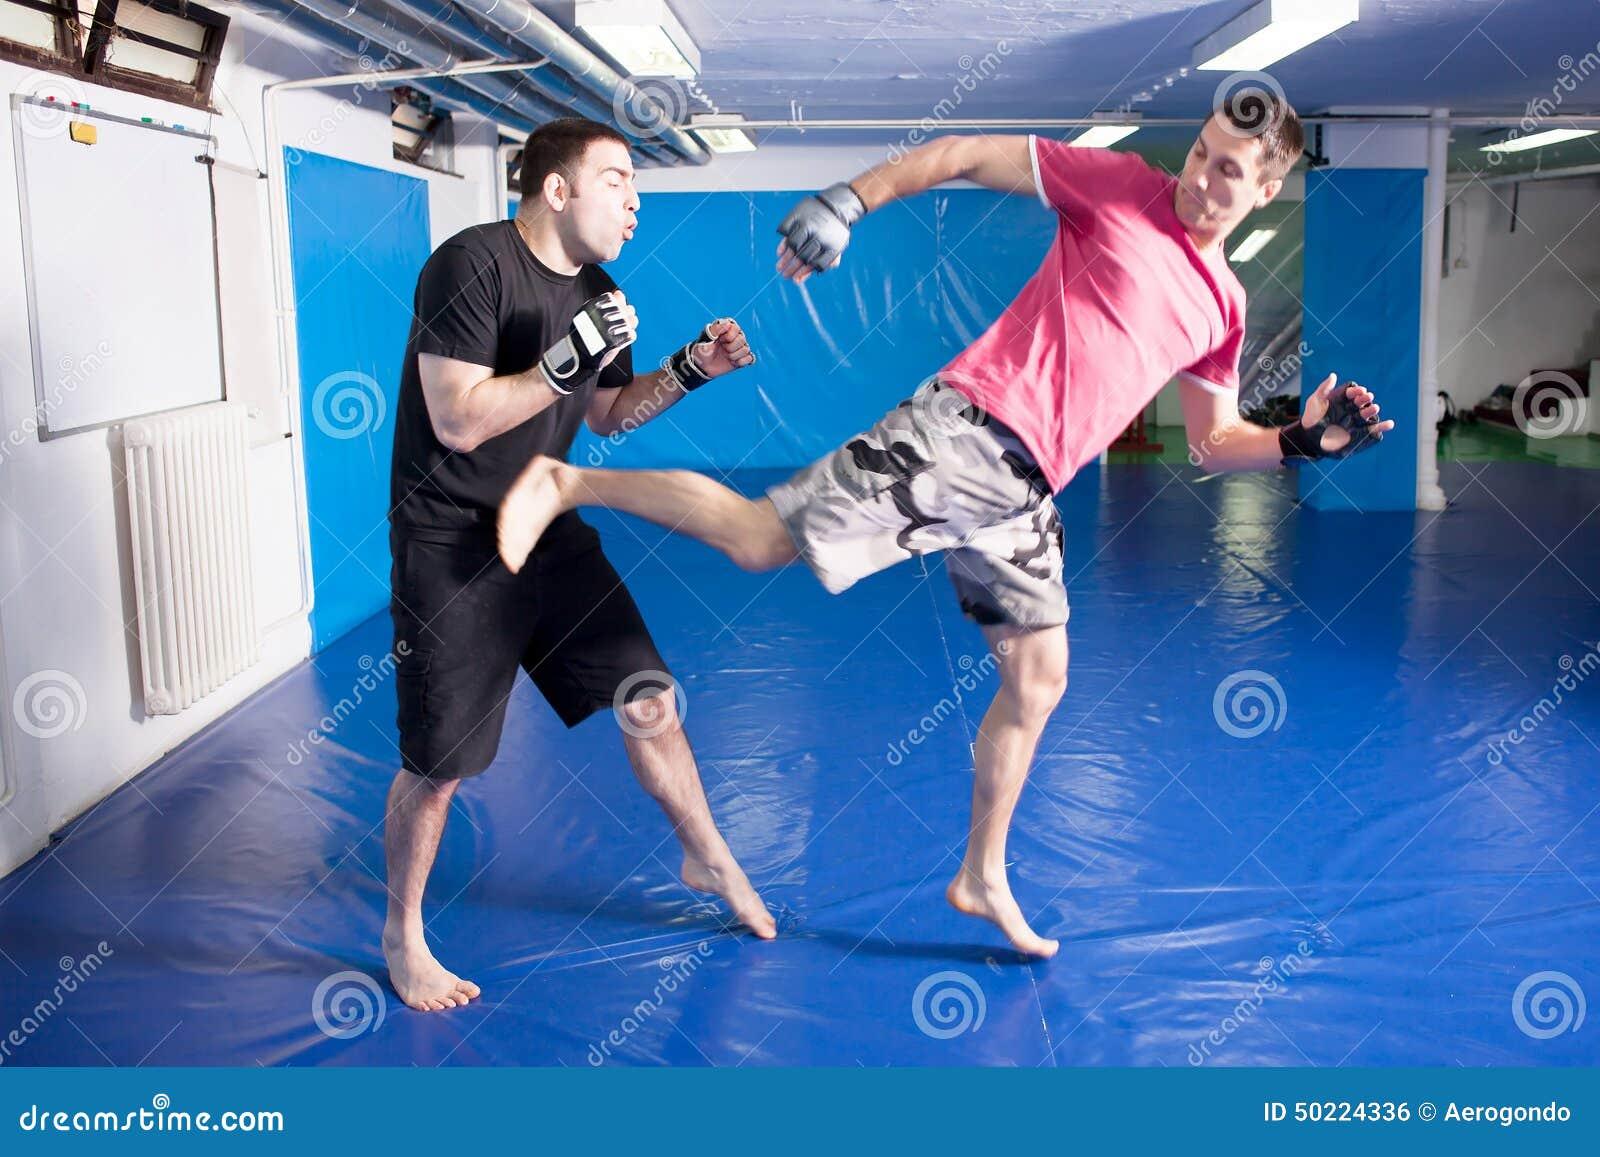 La jambe donnent un coup de pied dedans le ventre pendant la formation d 39 art martial photo stock - Hematome jambe suite coup ...